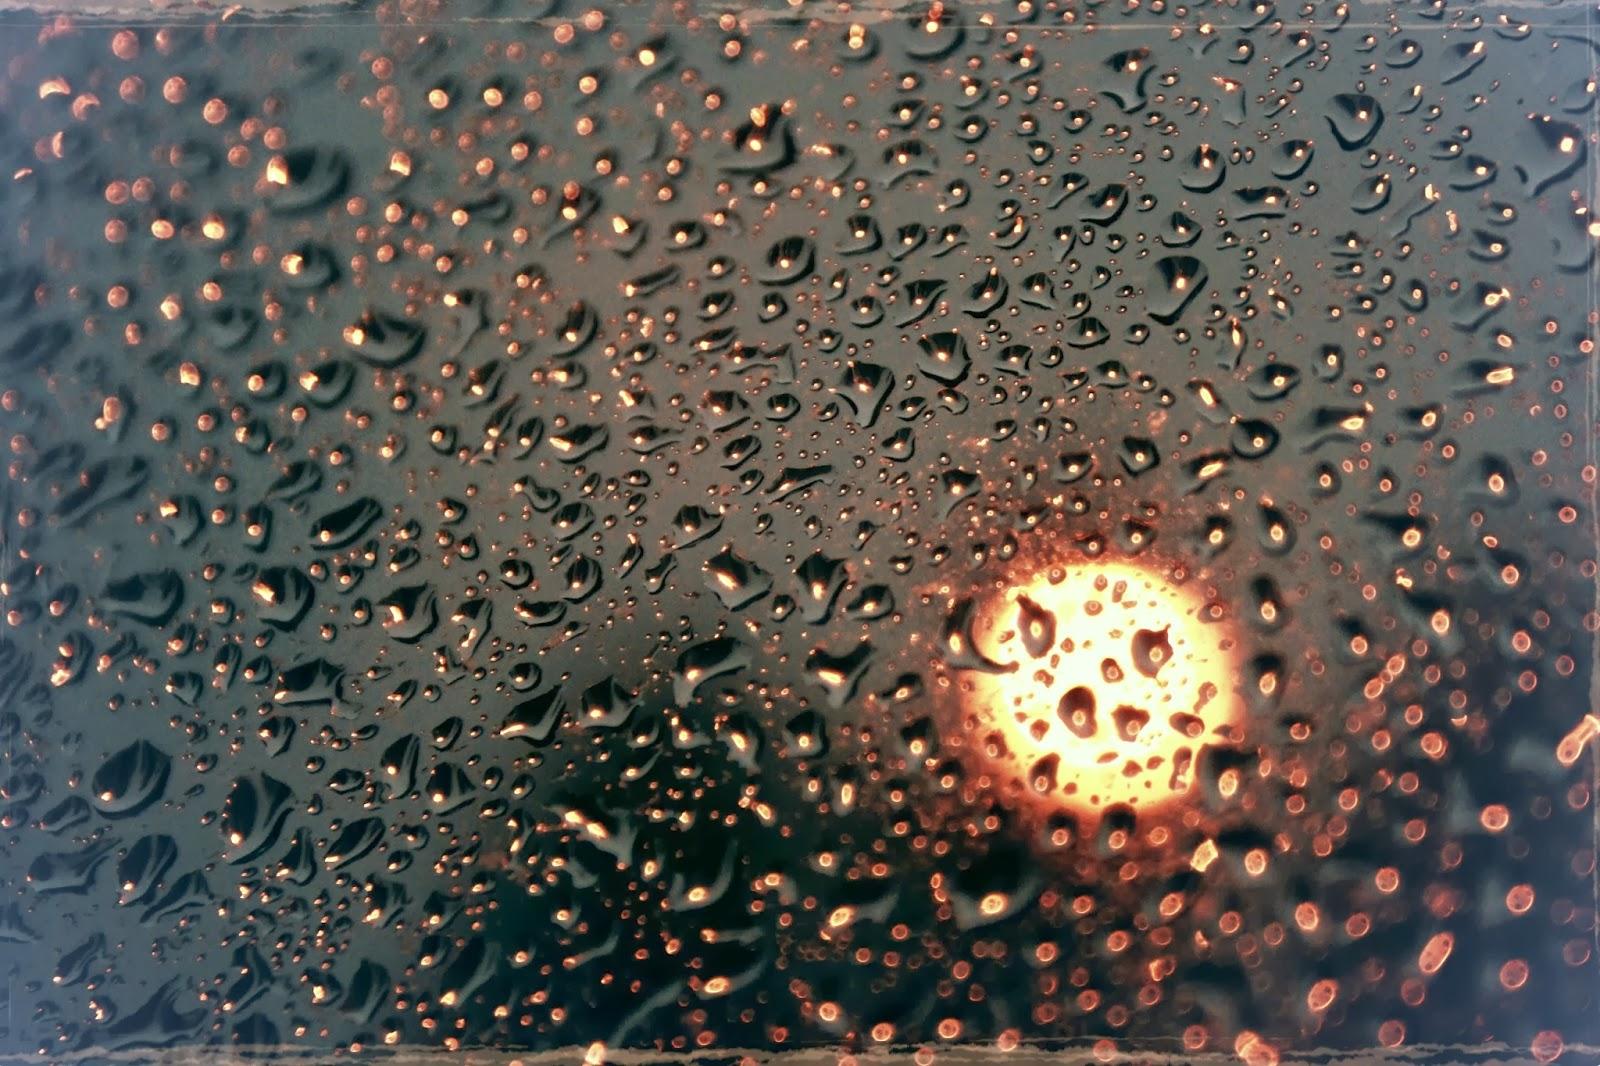 Inspirations kv pimai pluie lietus - Bois noirci par la pluie ...